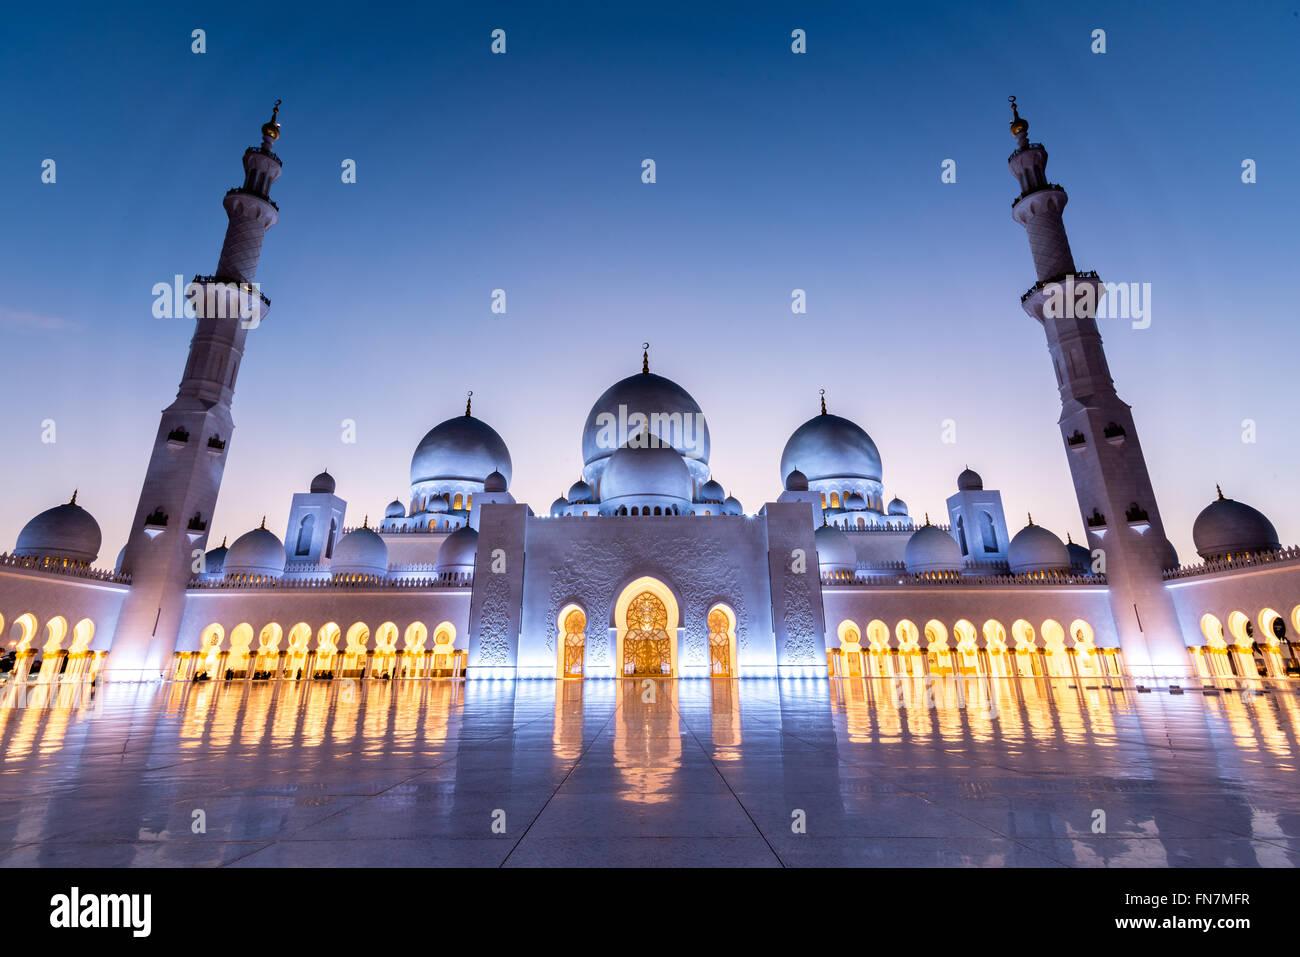 Il cortile della Sheikh Zayed Grande Moschea di Abu Dhabi catturati al tramonto Immagini Stock